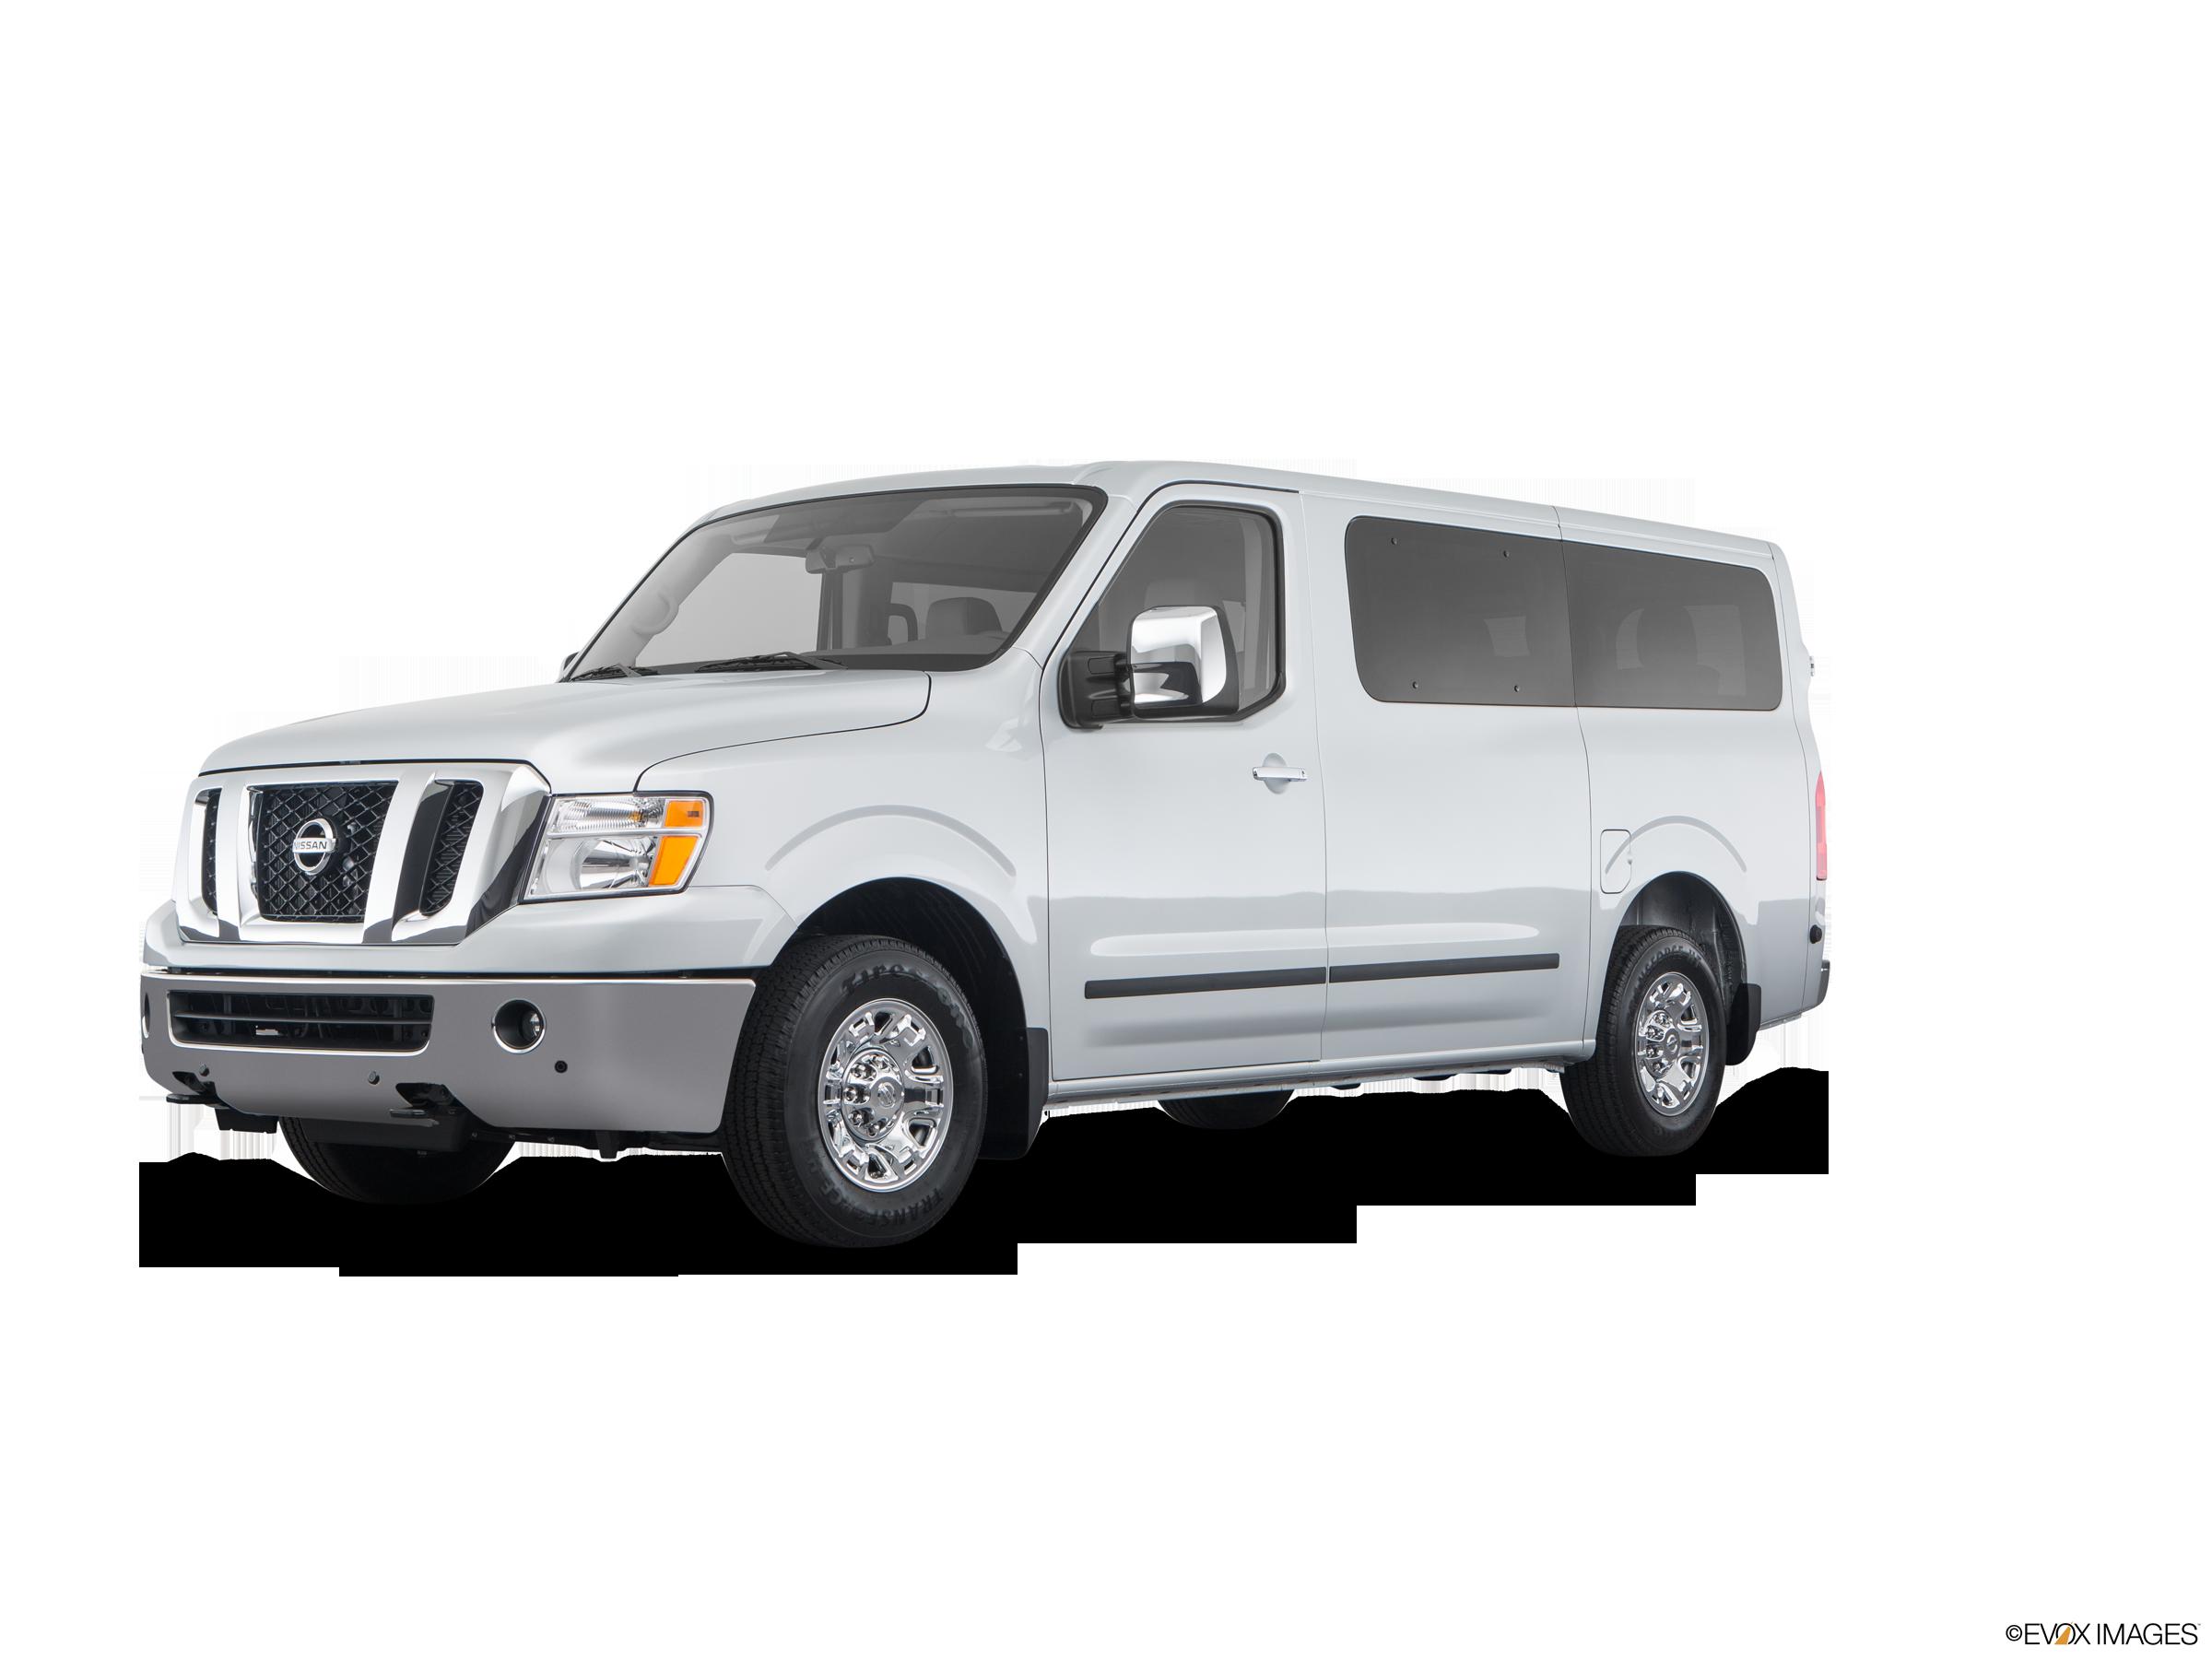 15 Passenger Vans For Sale >> Nissan 15 Passenger Van 15 Passenger Van Rental 2019 08 20